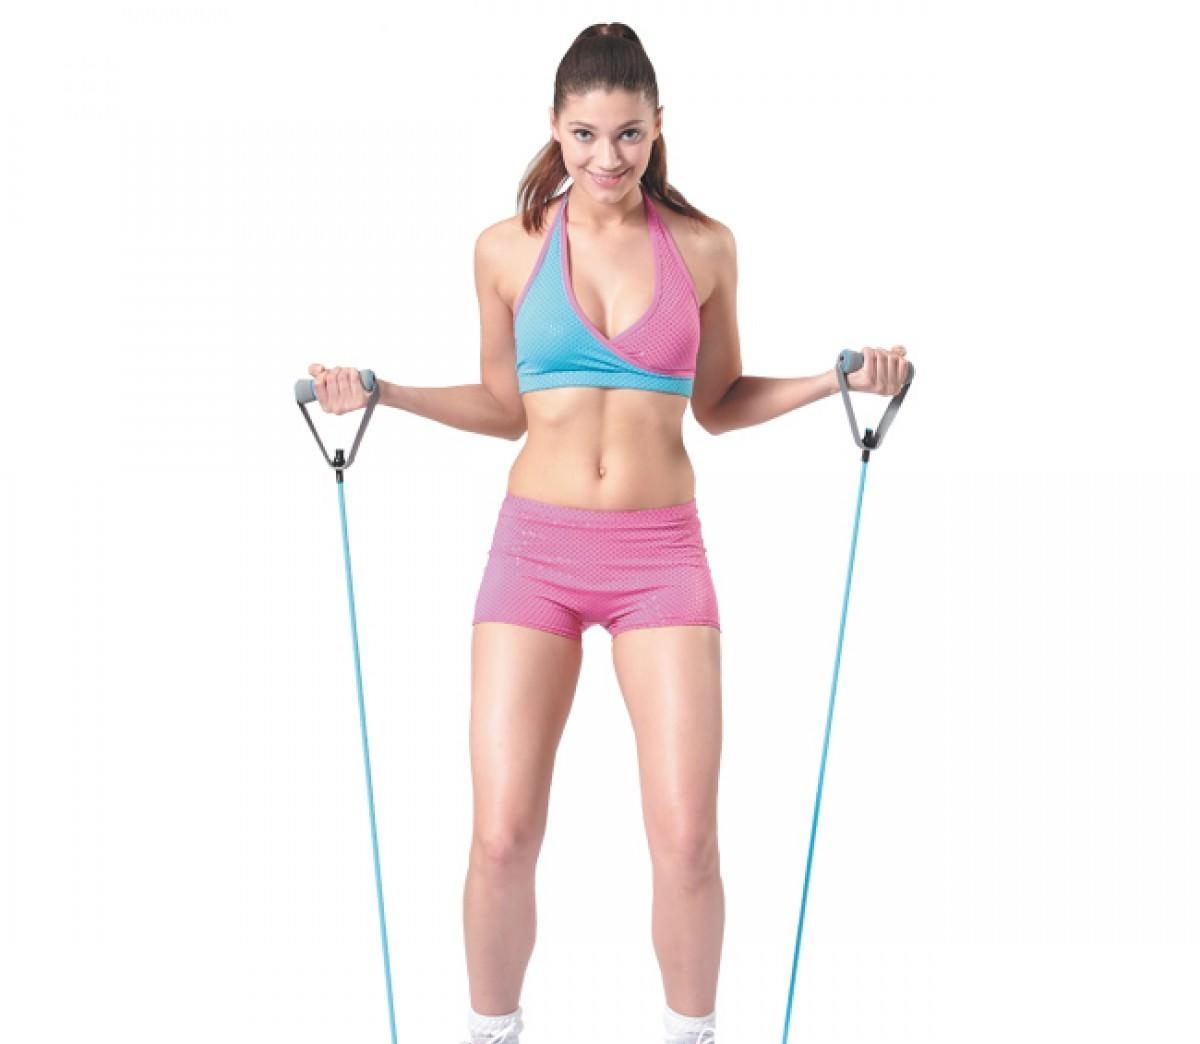 Упражнения с эспандером для женщин в домашних условиях для пресса